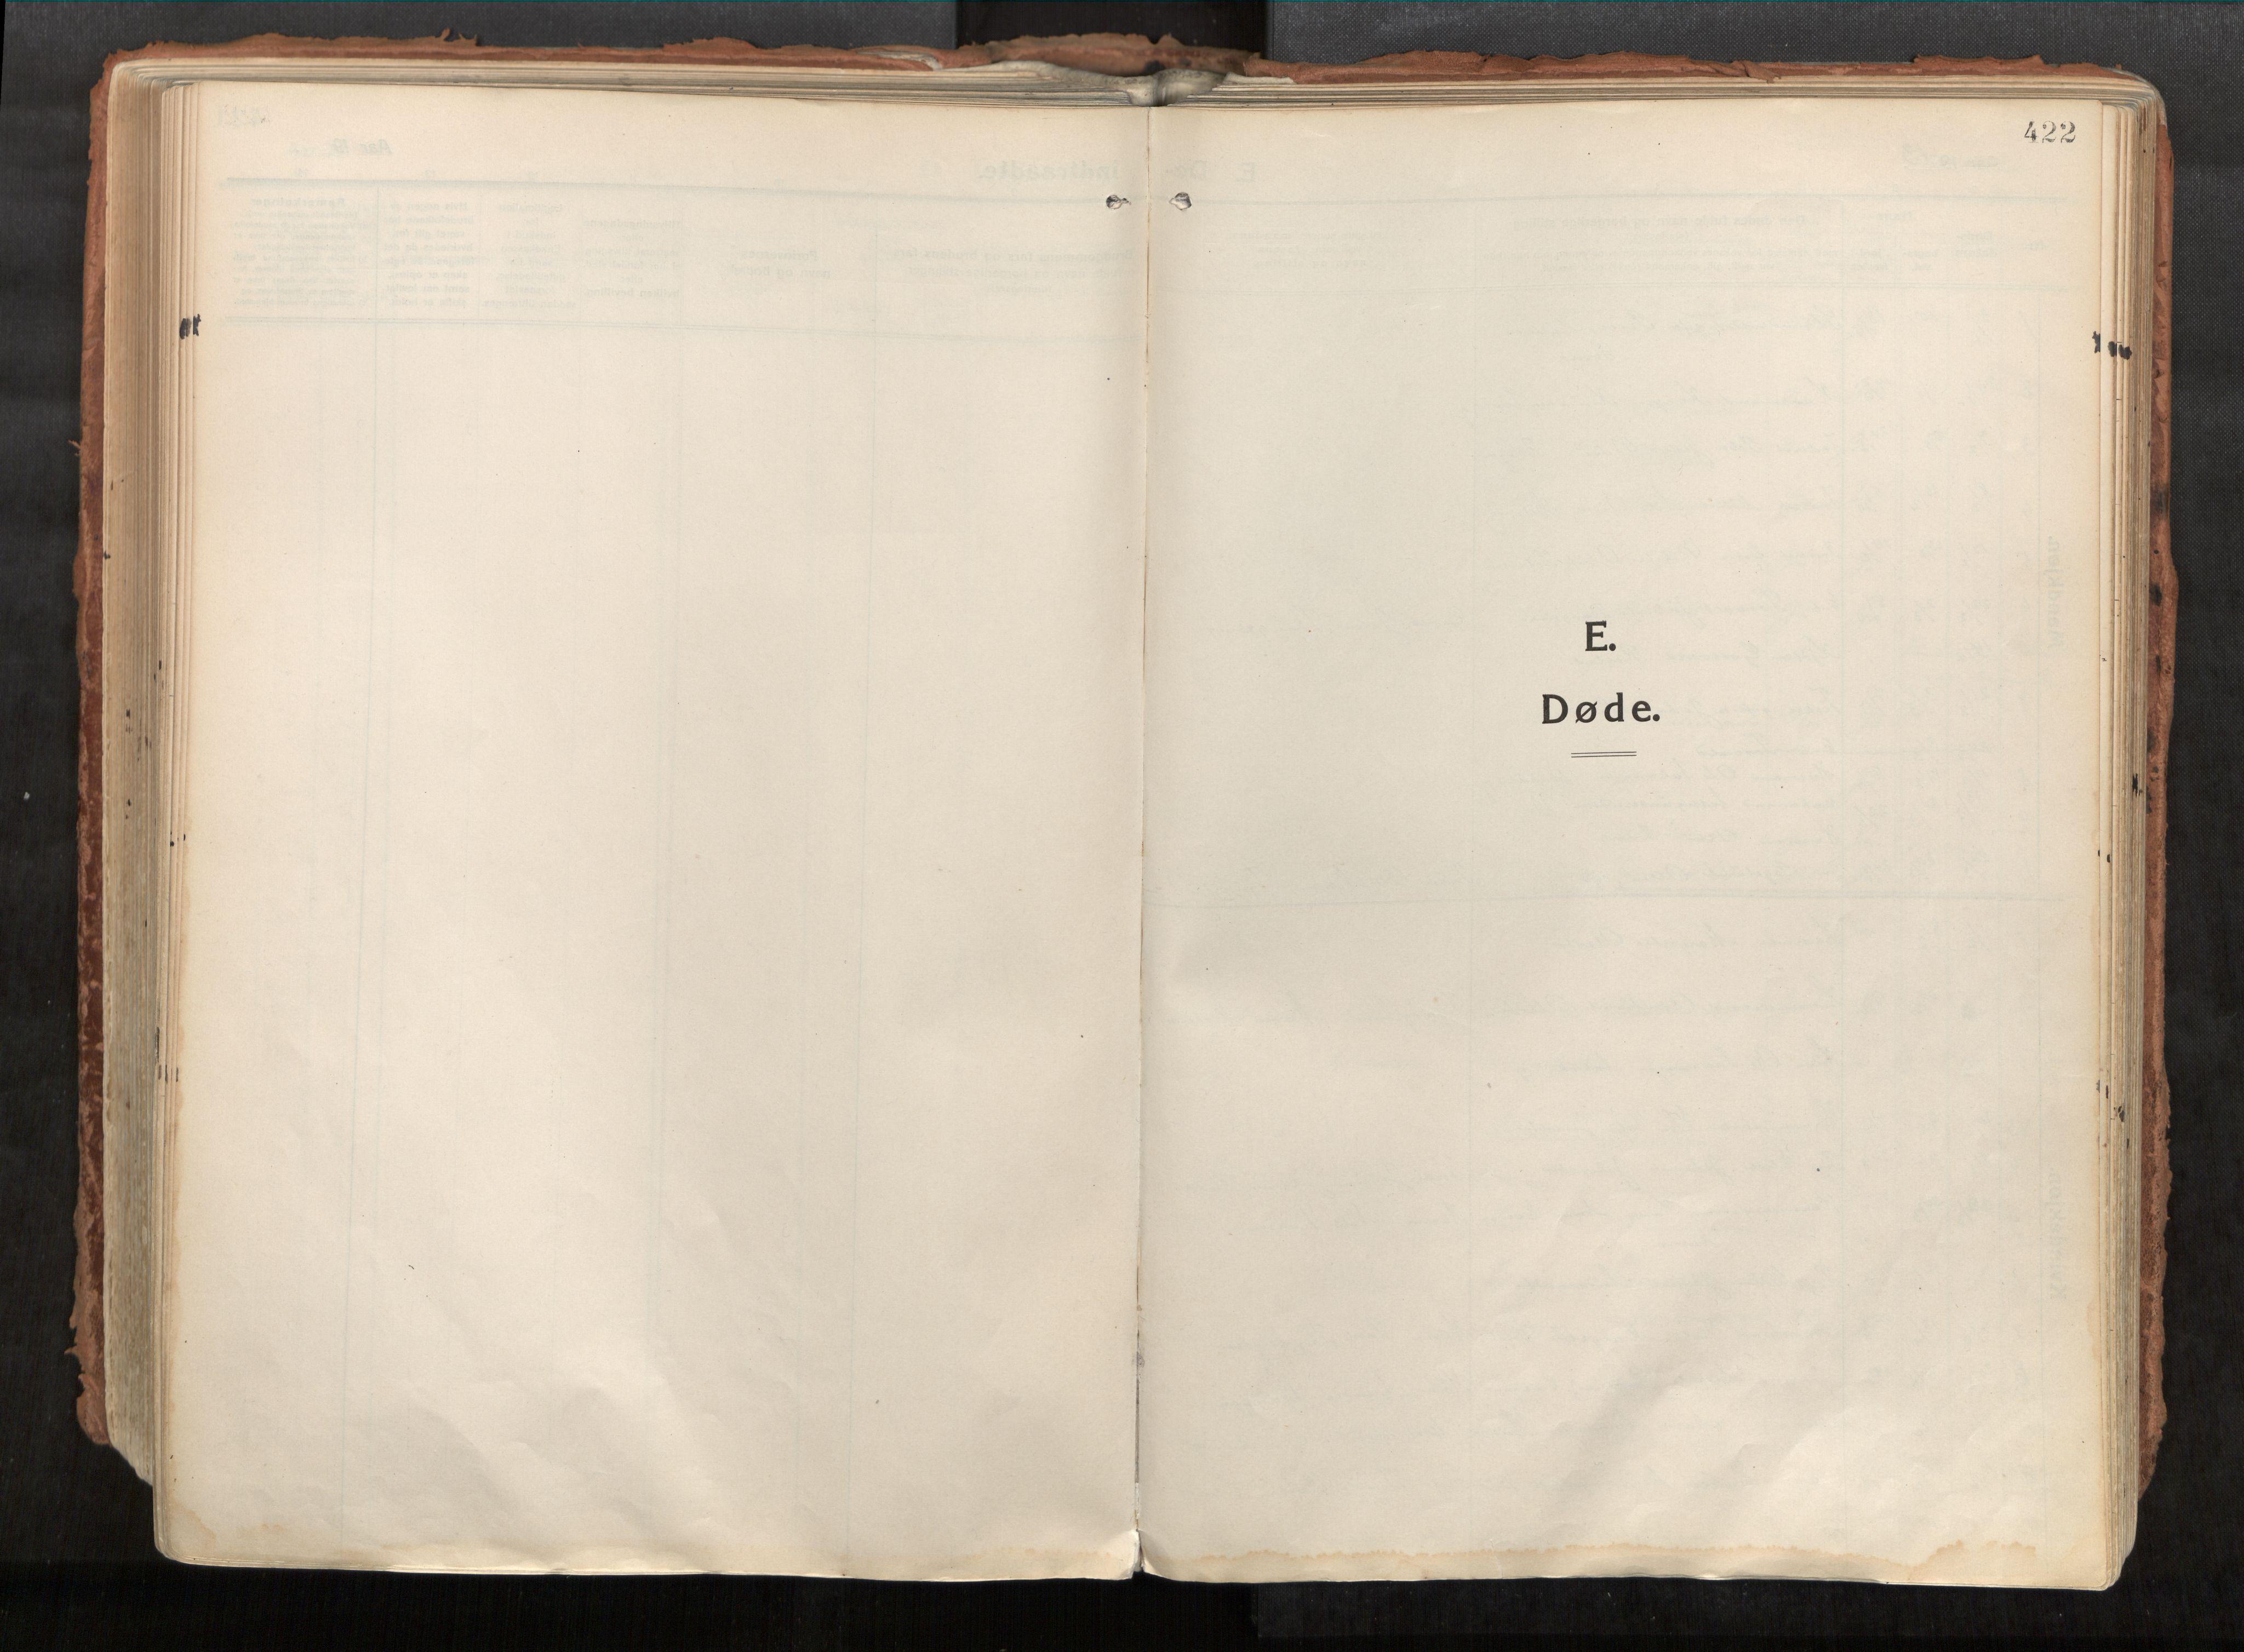 SAT, Vikna sokneprestkontor*, Parish register (official) no. 1, 1913-1934, p. 422